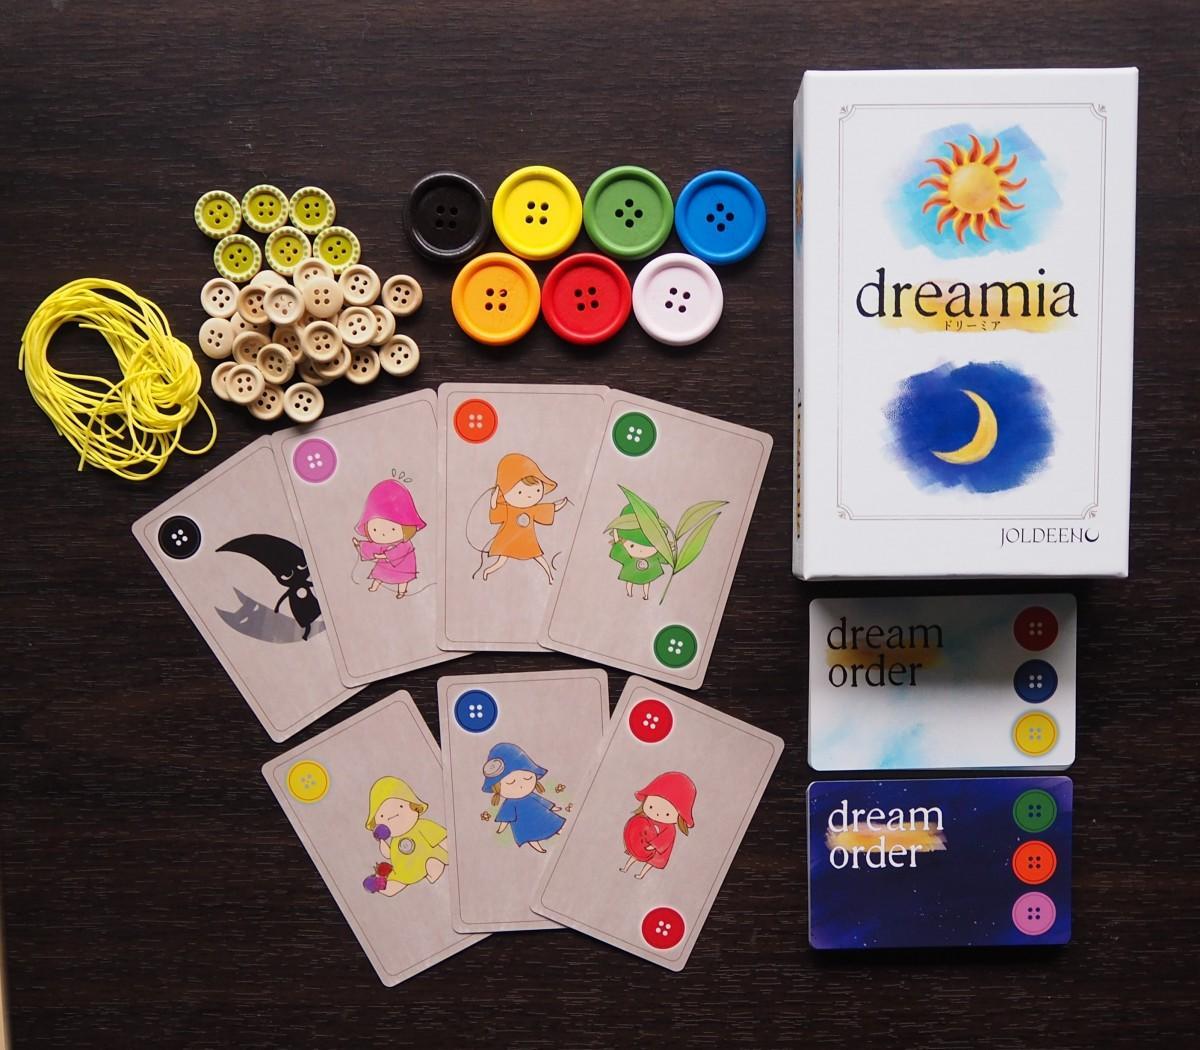 ボードゲーム「Dreamia(ドリーミア)」